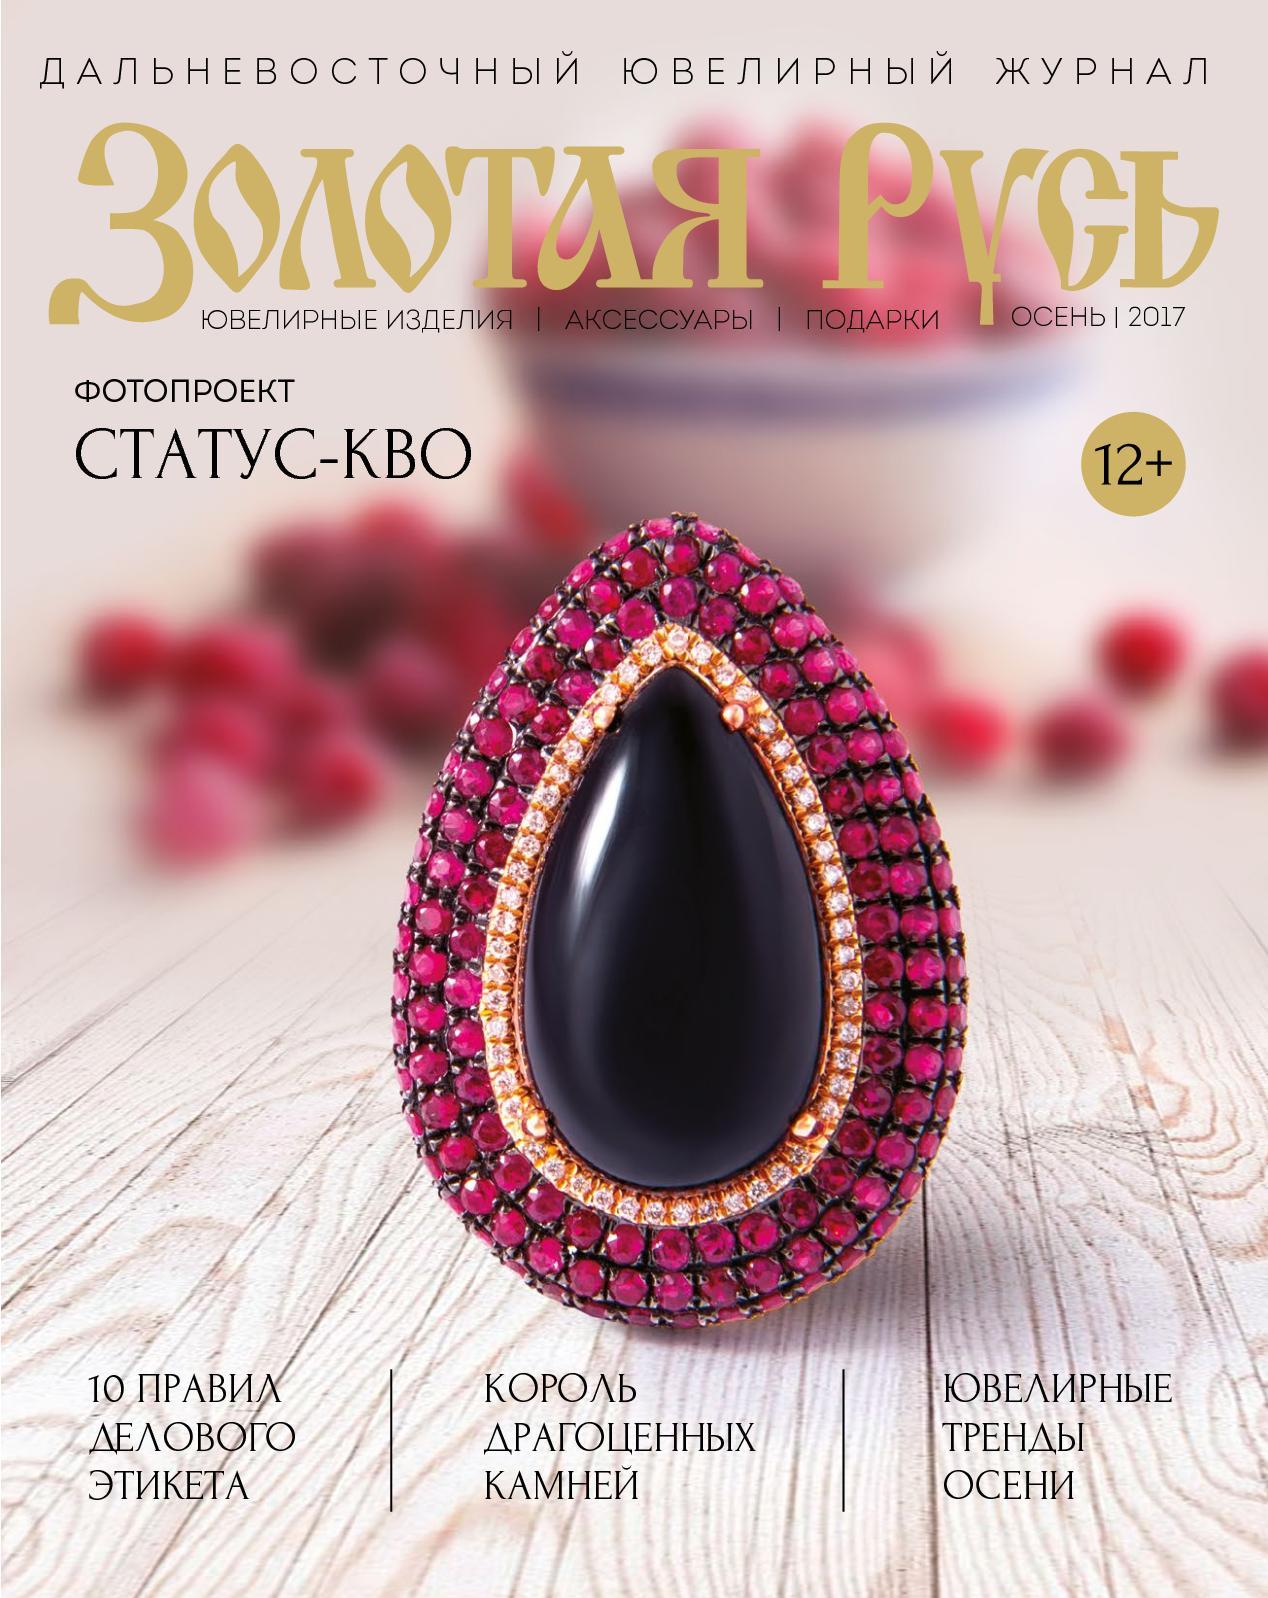 6da4ccba3515 Calaméo - № 16 Дальневосточный ювелирный журнал